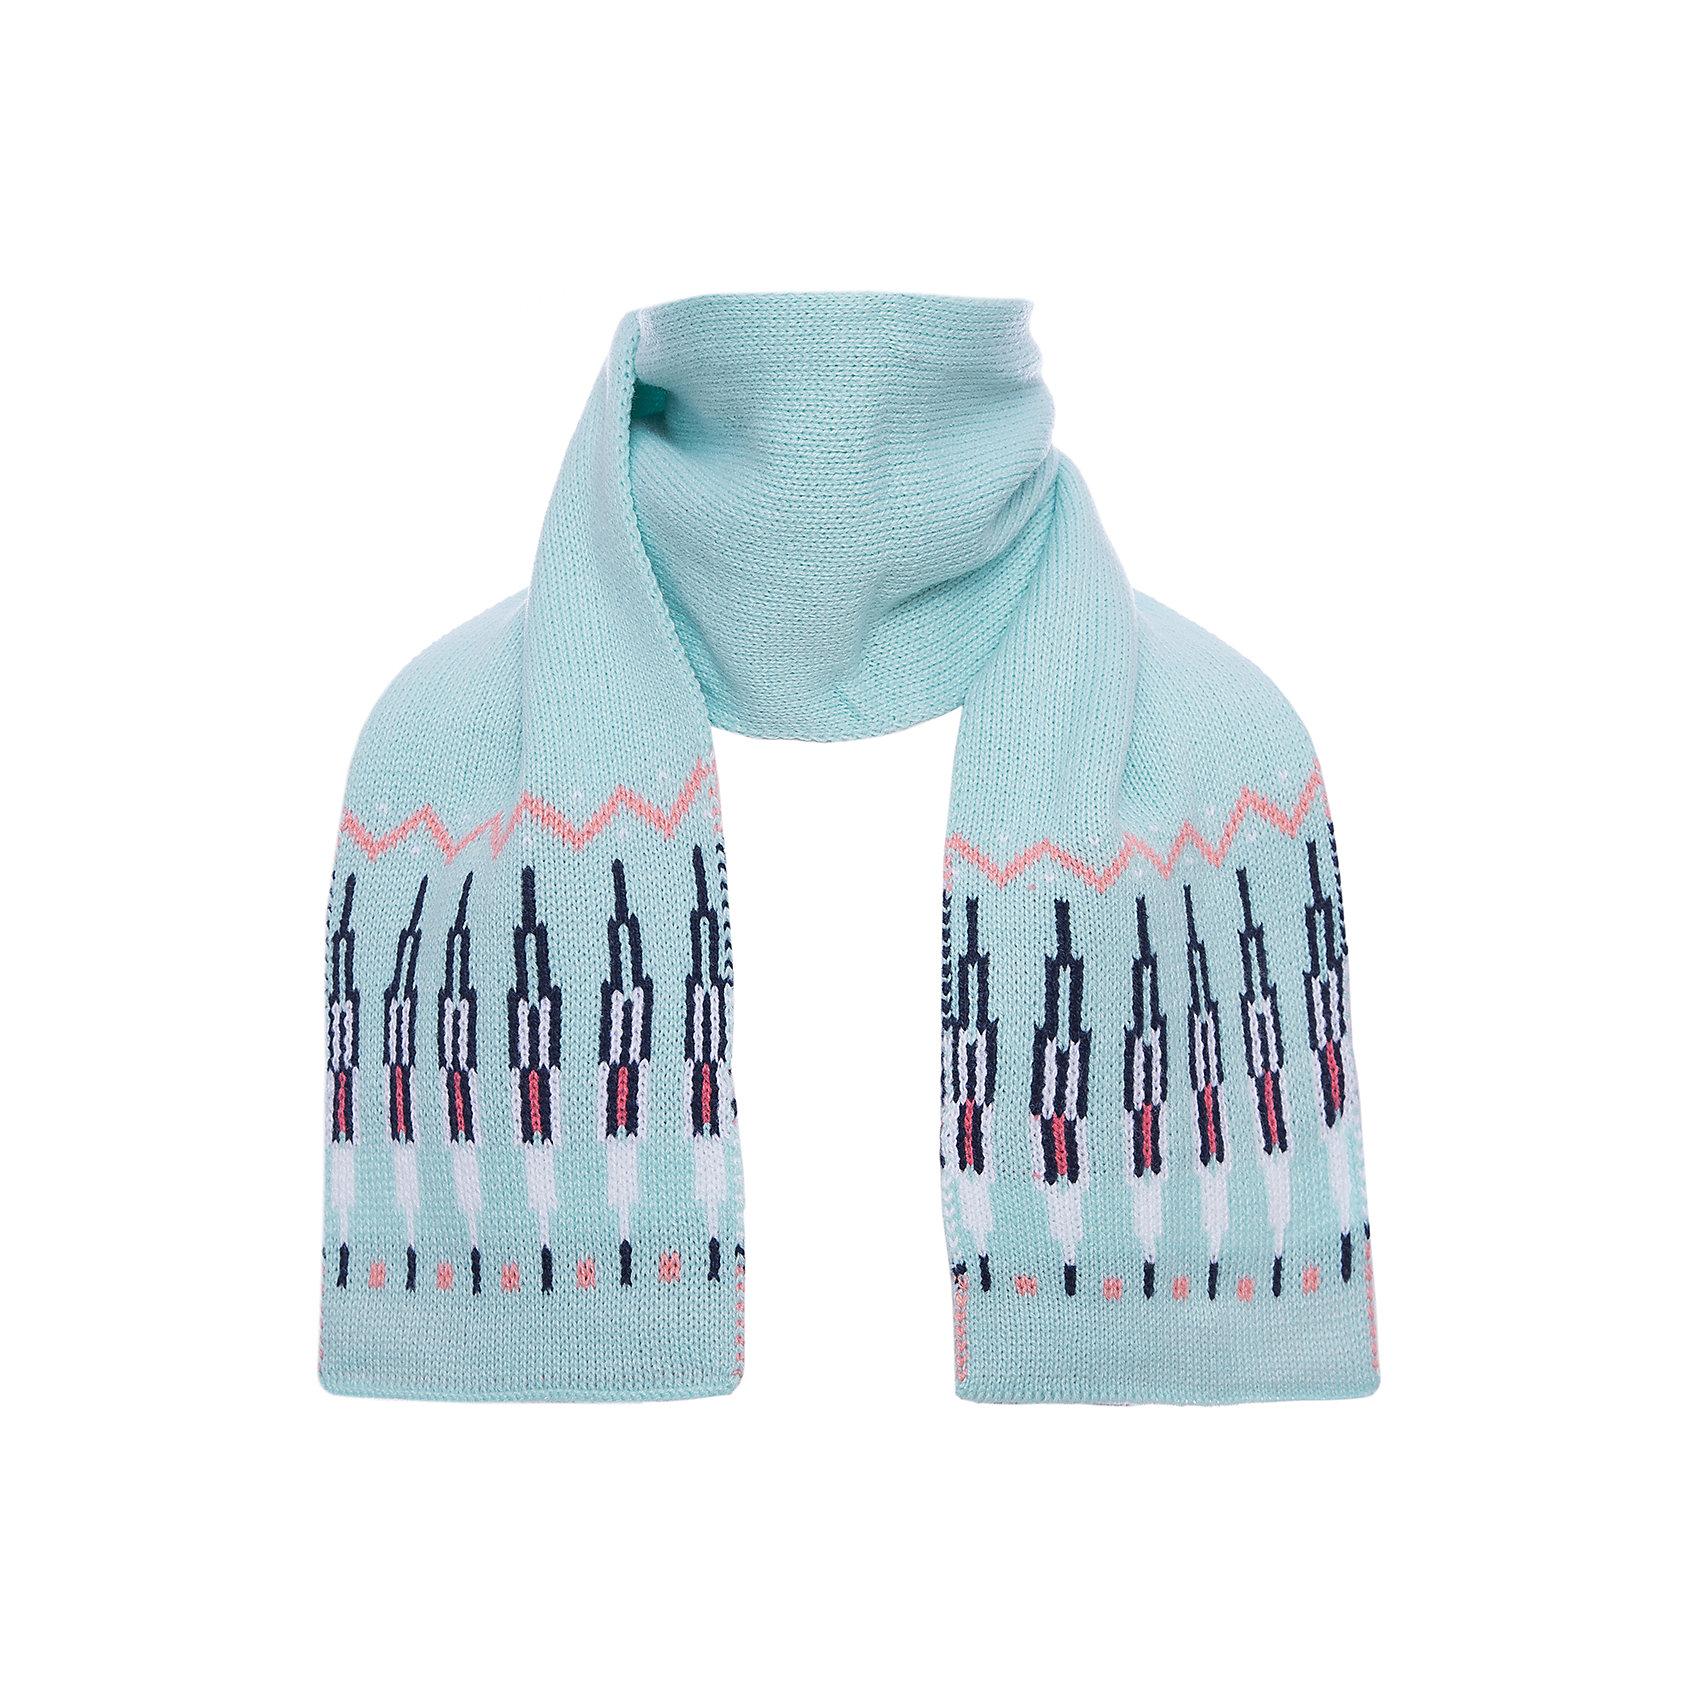 Шарф PlayToday для девочкиШарфы, платки<br>Шарф PlayToday для девочки<br>Плотный вязаный двуслойный шарф. Выполнен по технологии yarn dyed - в процессе производства используются разного цвета нити. При рекомендуемом уходе изделие не линяет и надолго остается в первоначальном виде.<br>Состав:<br>100% акрил<br><br>Ширина мм: 88<br>Глубина мм: 155<br>Высота мм: 26<br>Вес г: 106<br>Цвет: белый<br>Возраст от месяцев: 36<br>Возраст до месяцев: 96<br>Пол: Женский<br>Возраст: Детский<br>Размер: one size<br>SKU: 7110398